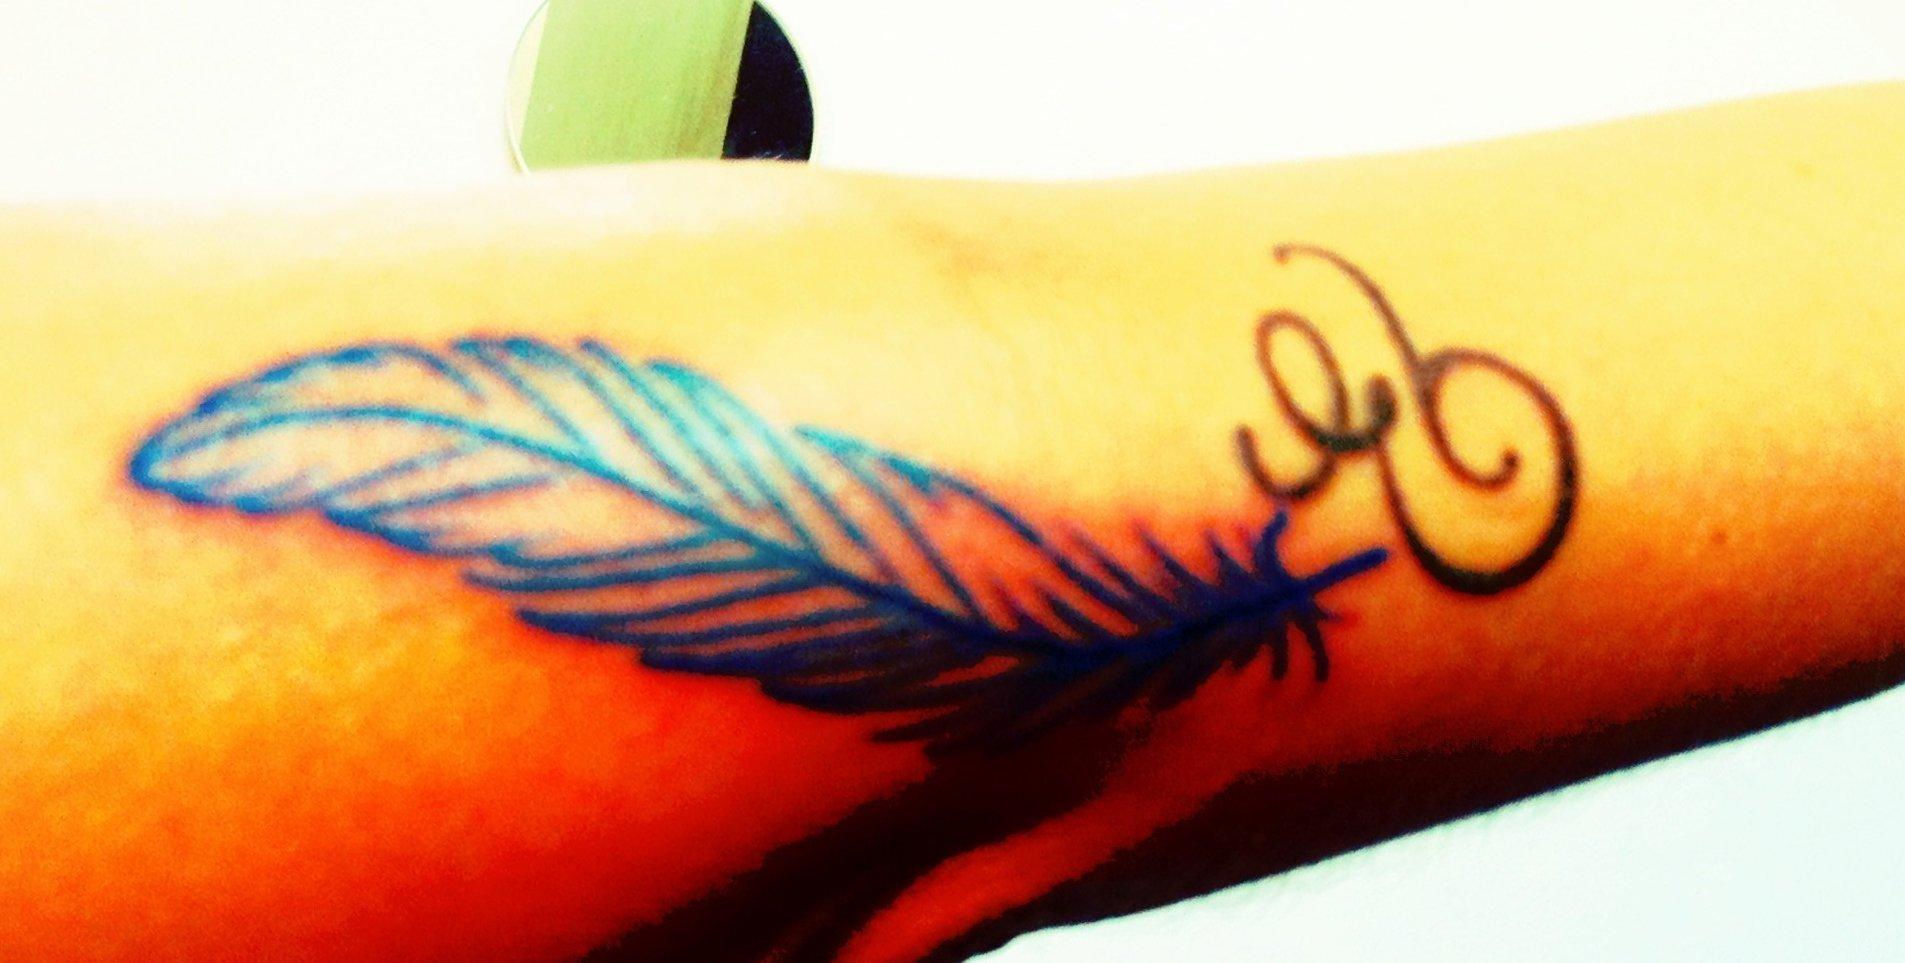 Feder Tattoos und die Bedeutung alletattoo.de 8